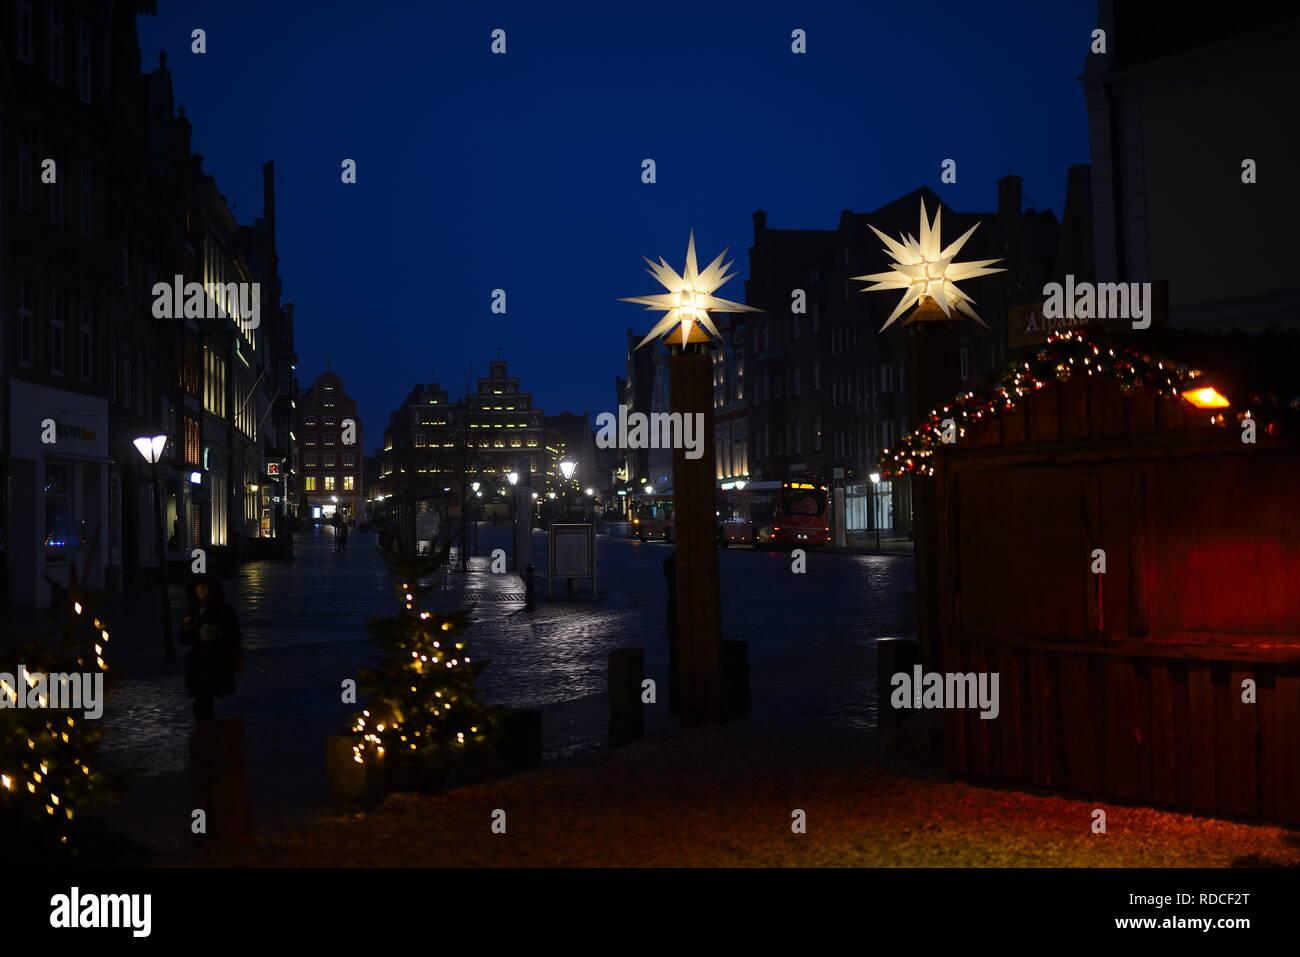 Stille auf Historischer Platz Am Sande. Nachts Lüneburg Altstadt Weihnachtsmarkt. Tourismus Städtereise zum Einkaufen in der Innenstadt Hansestadt Stock Photo